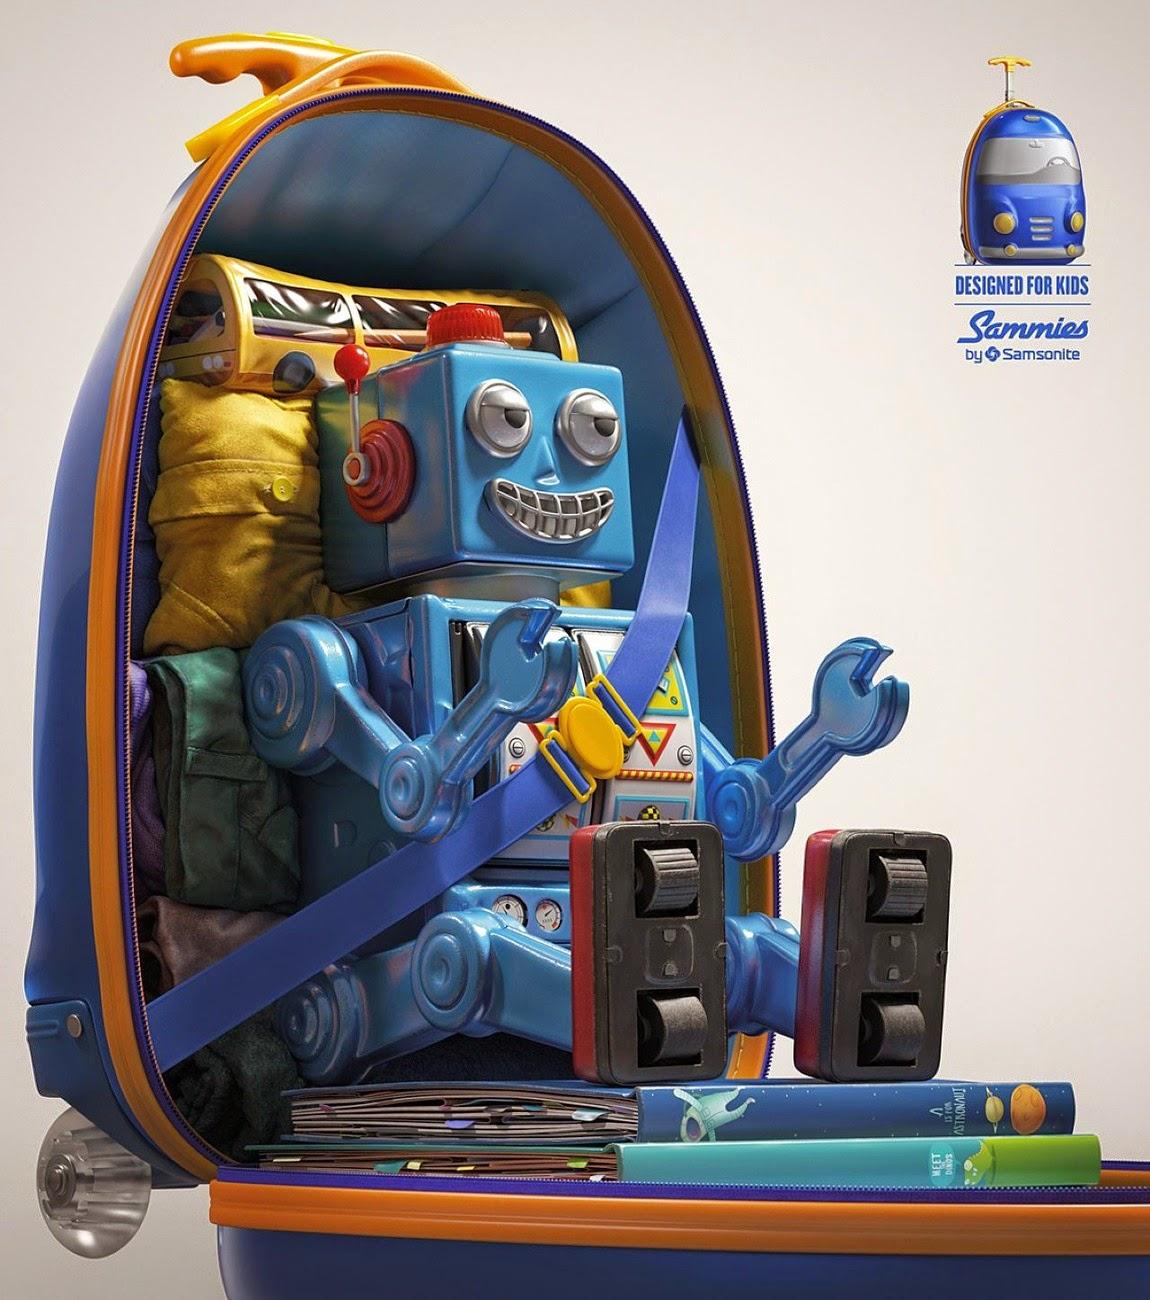 maleta para niños de Samsonite.